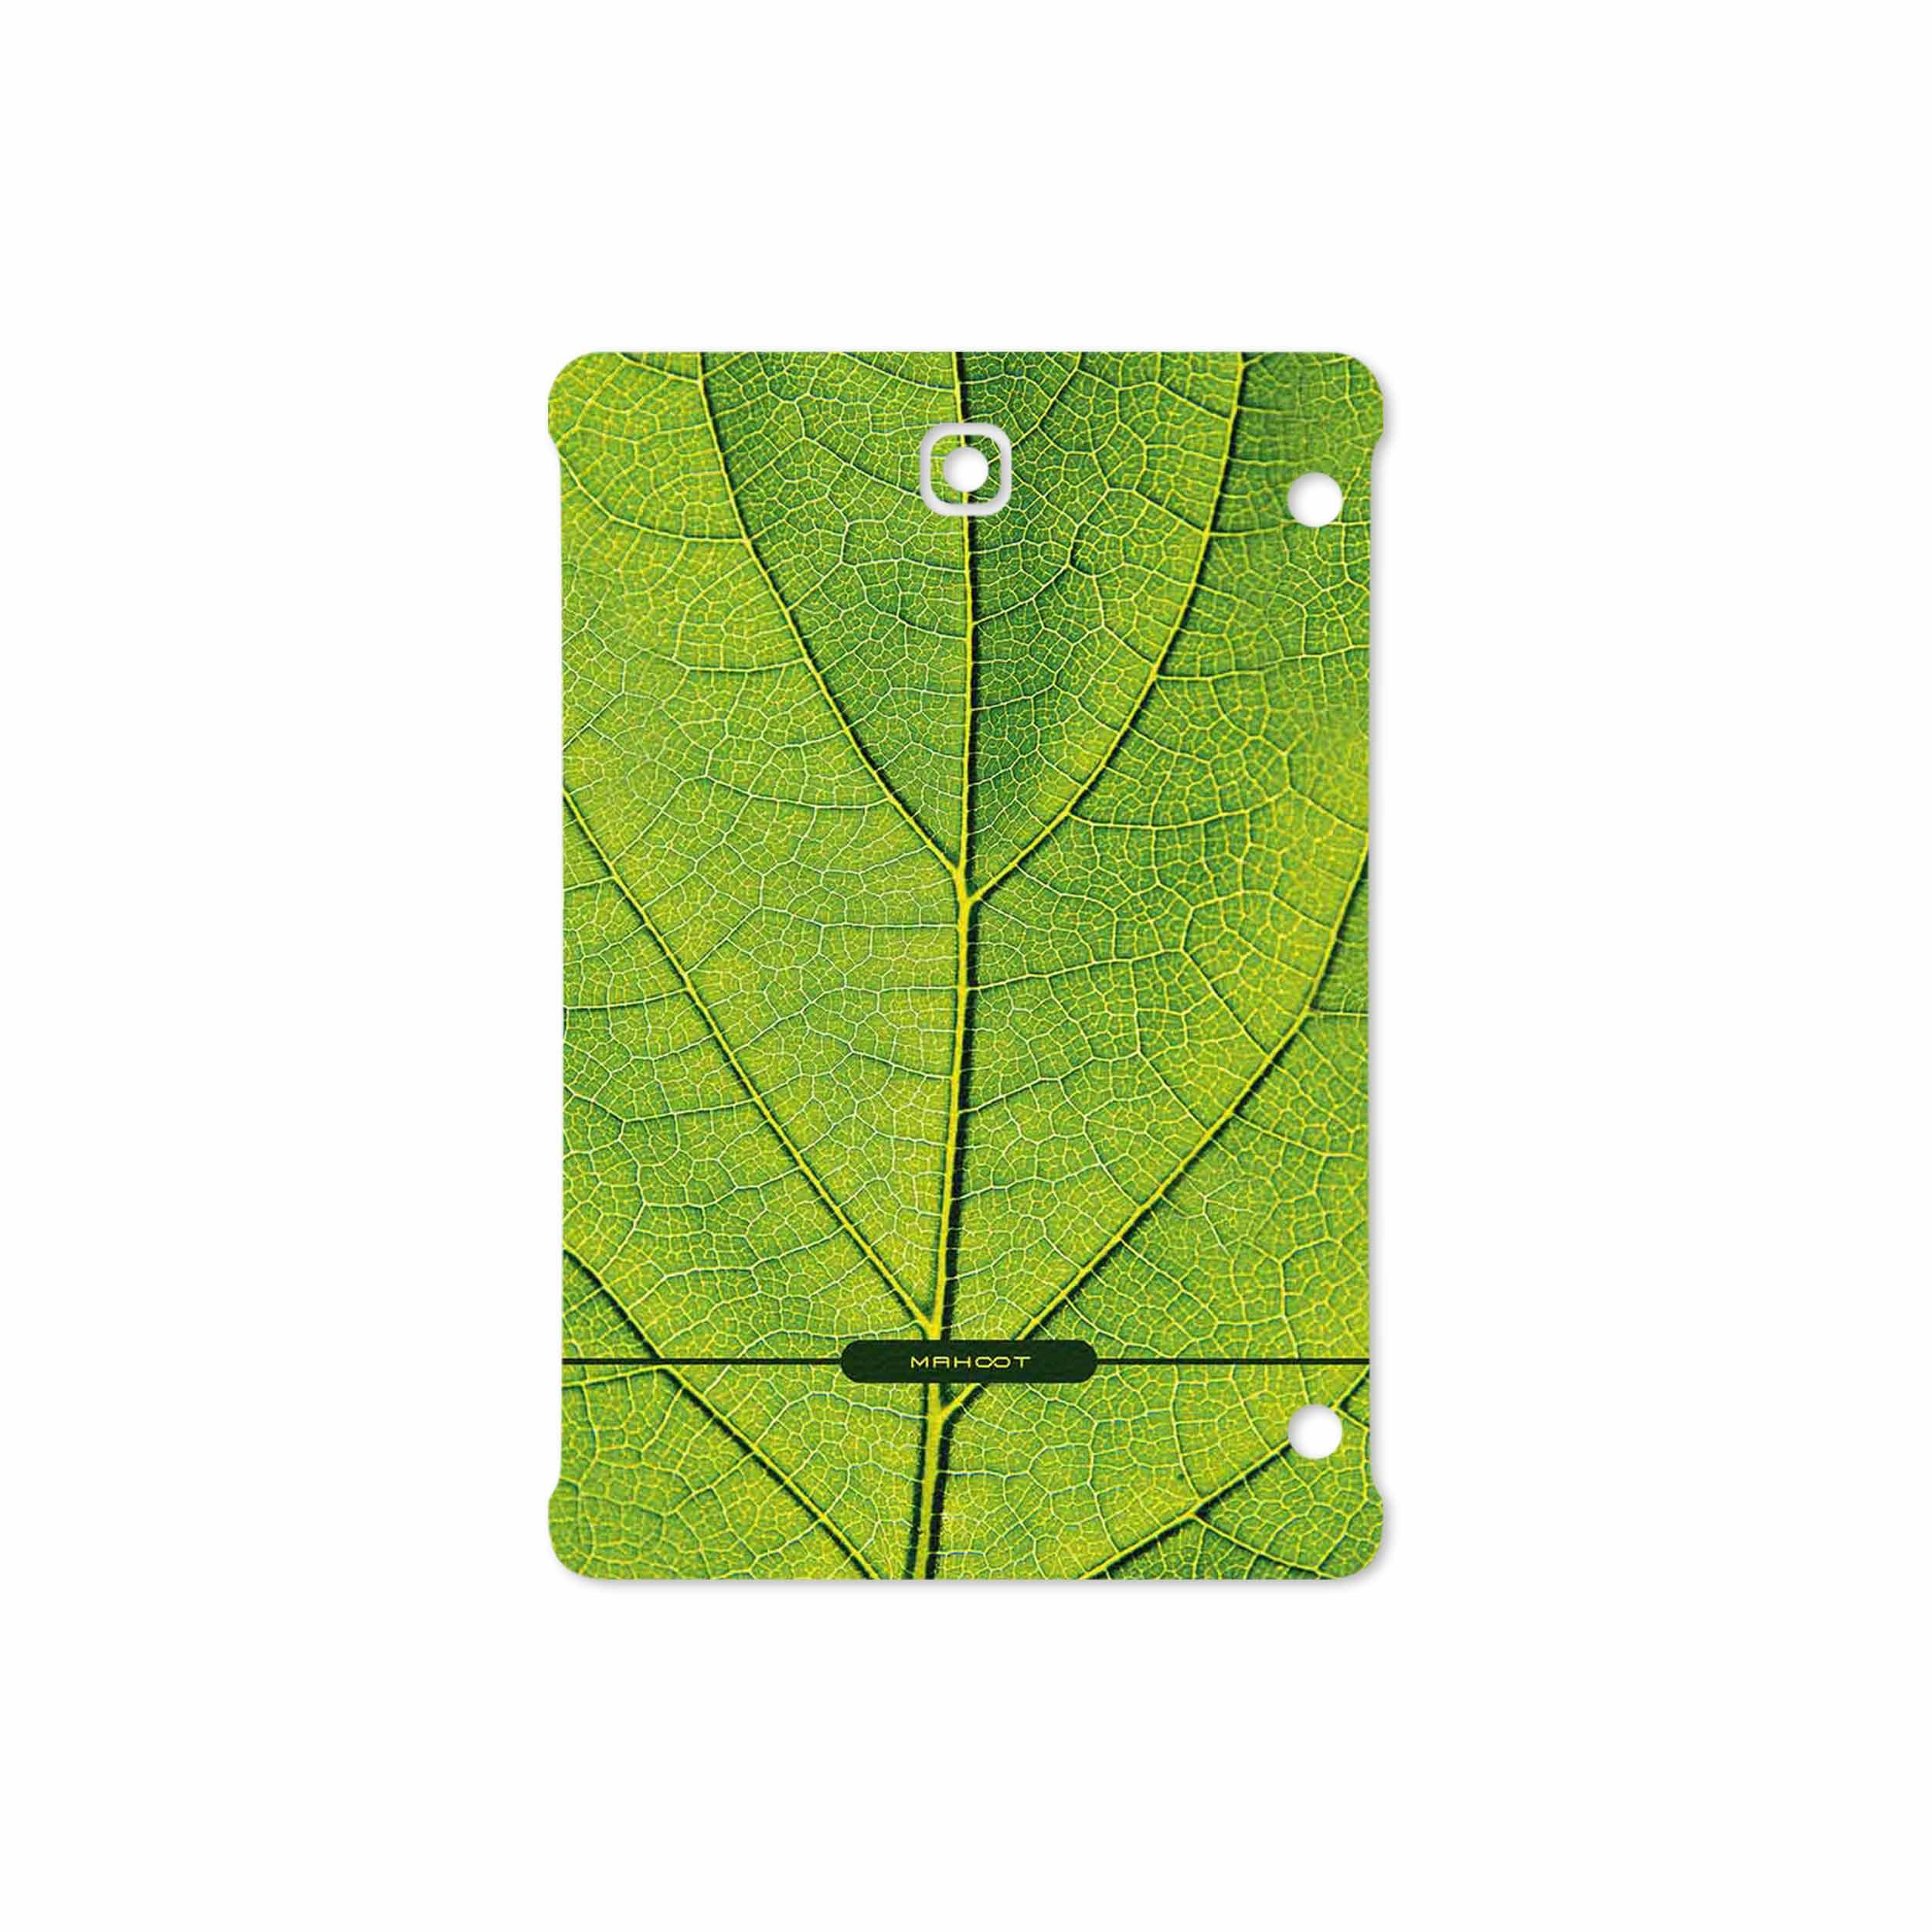 بررسی و خرید [با تخفیف]                                     برچسب پوششی ماهوت مدل Leaf-Texture مناسب برای تبلت سامسونگ Galaxy Tab S2 8.0 2016 T719N                             اورجینال